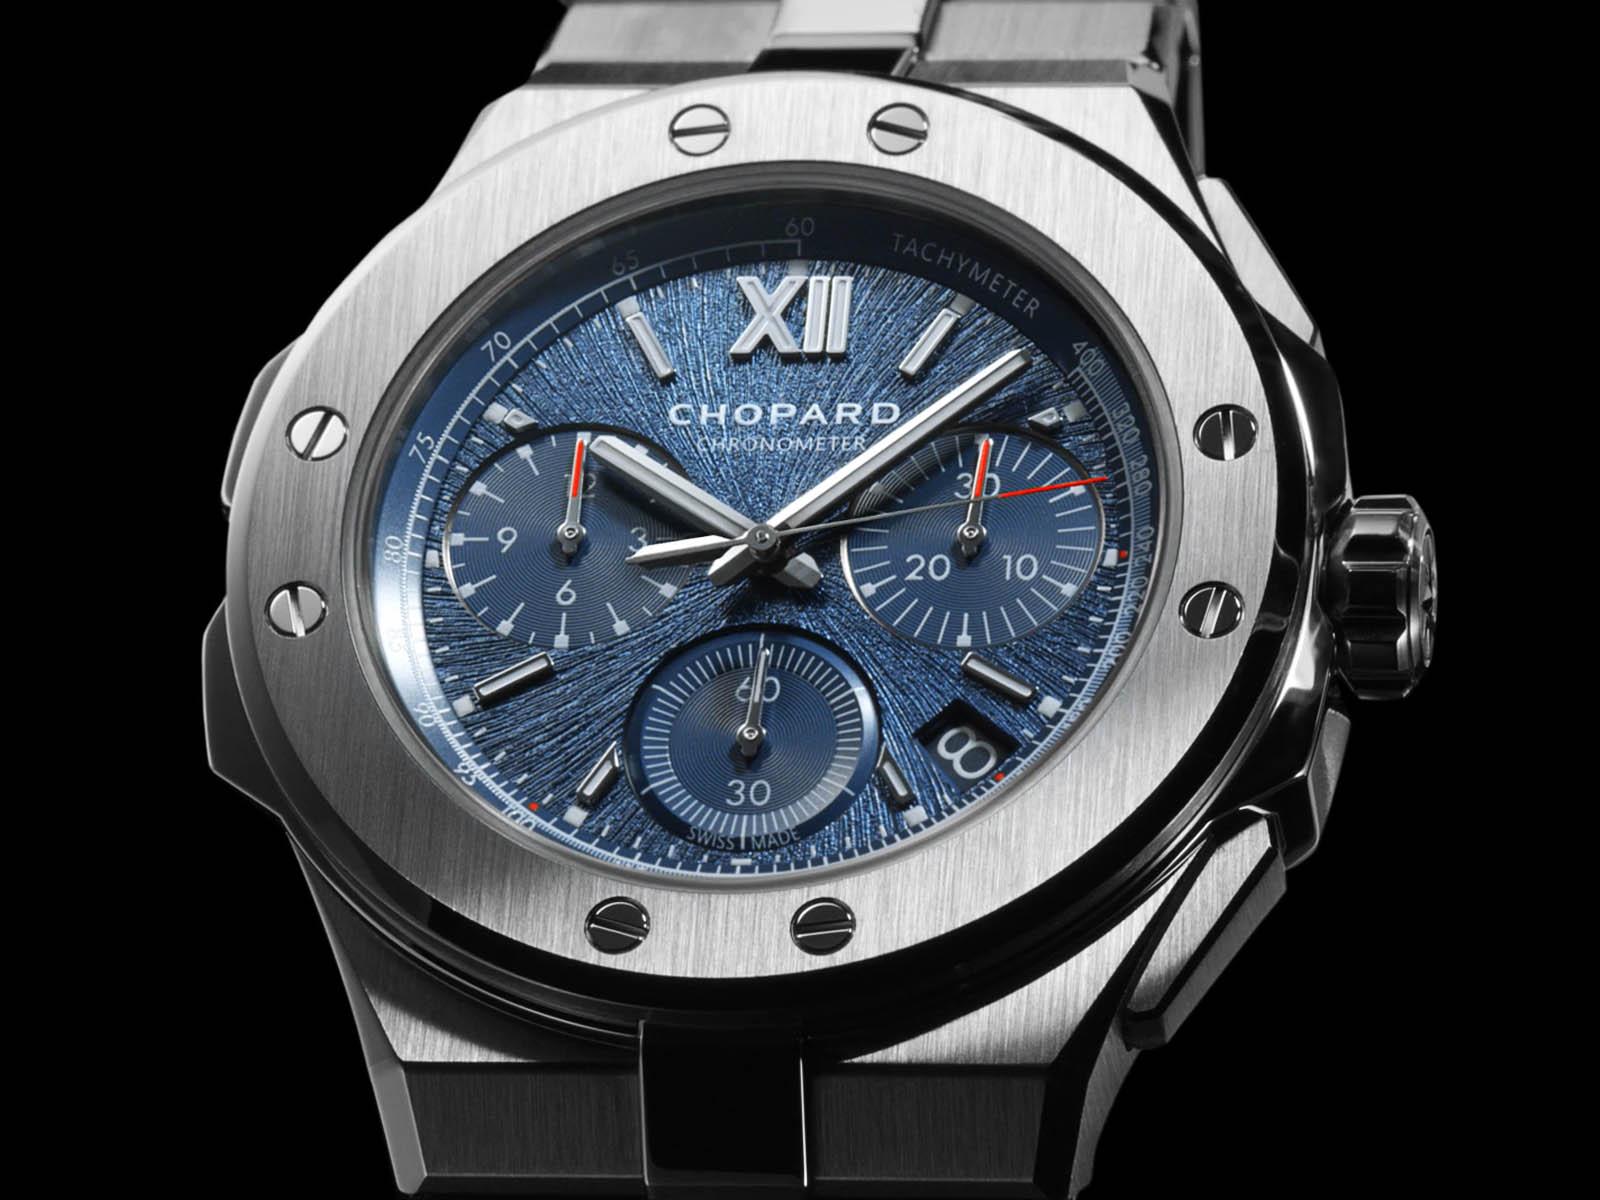 298609-3001-chopard-alpine-eagle-xl-chrono-3.jpg